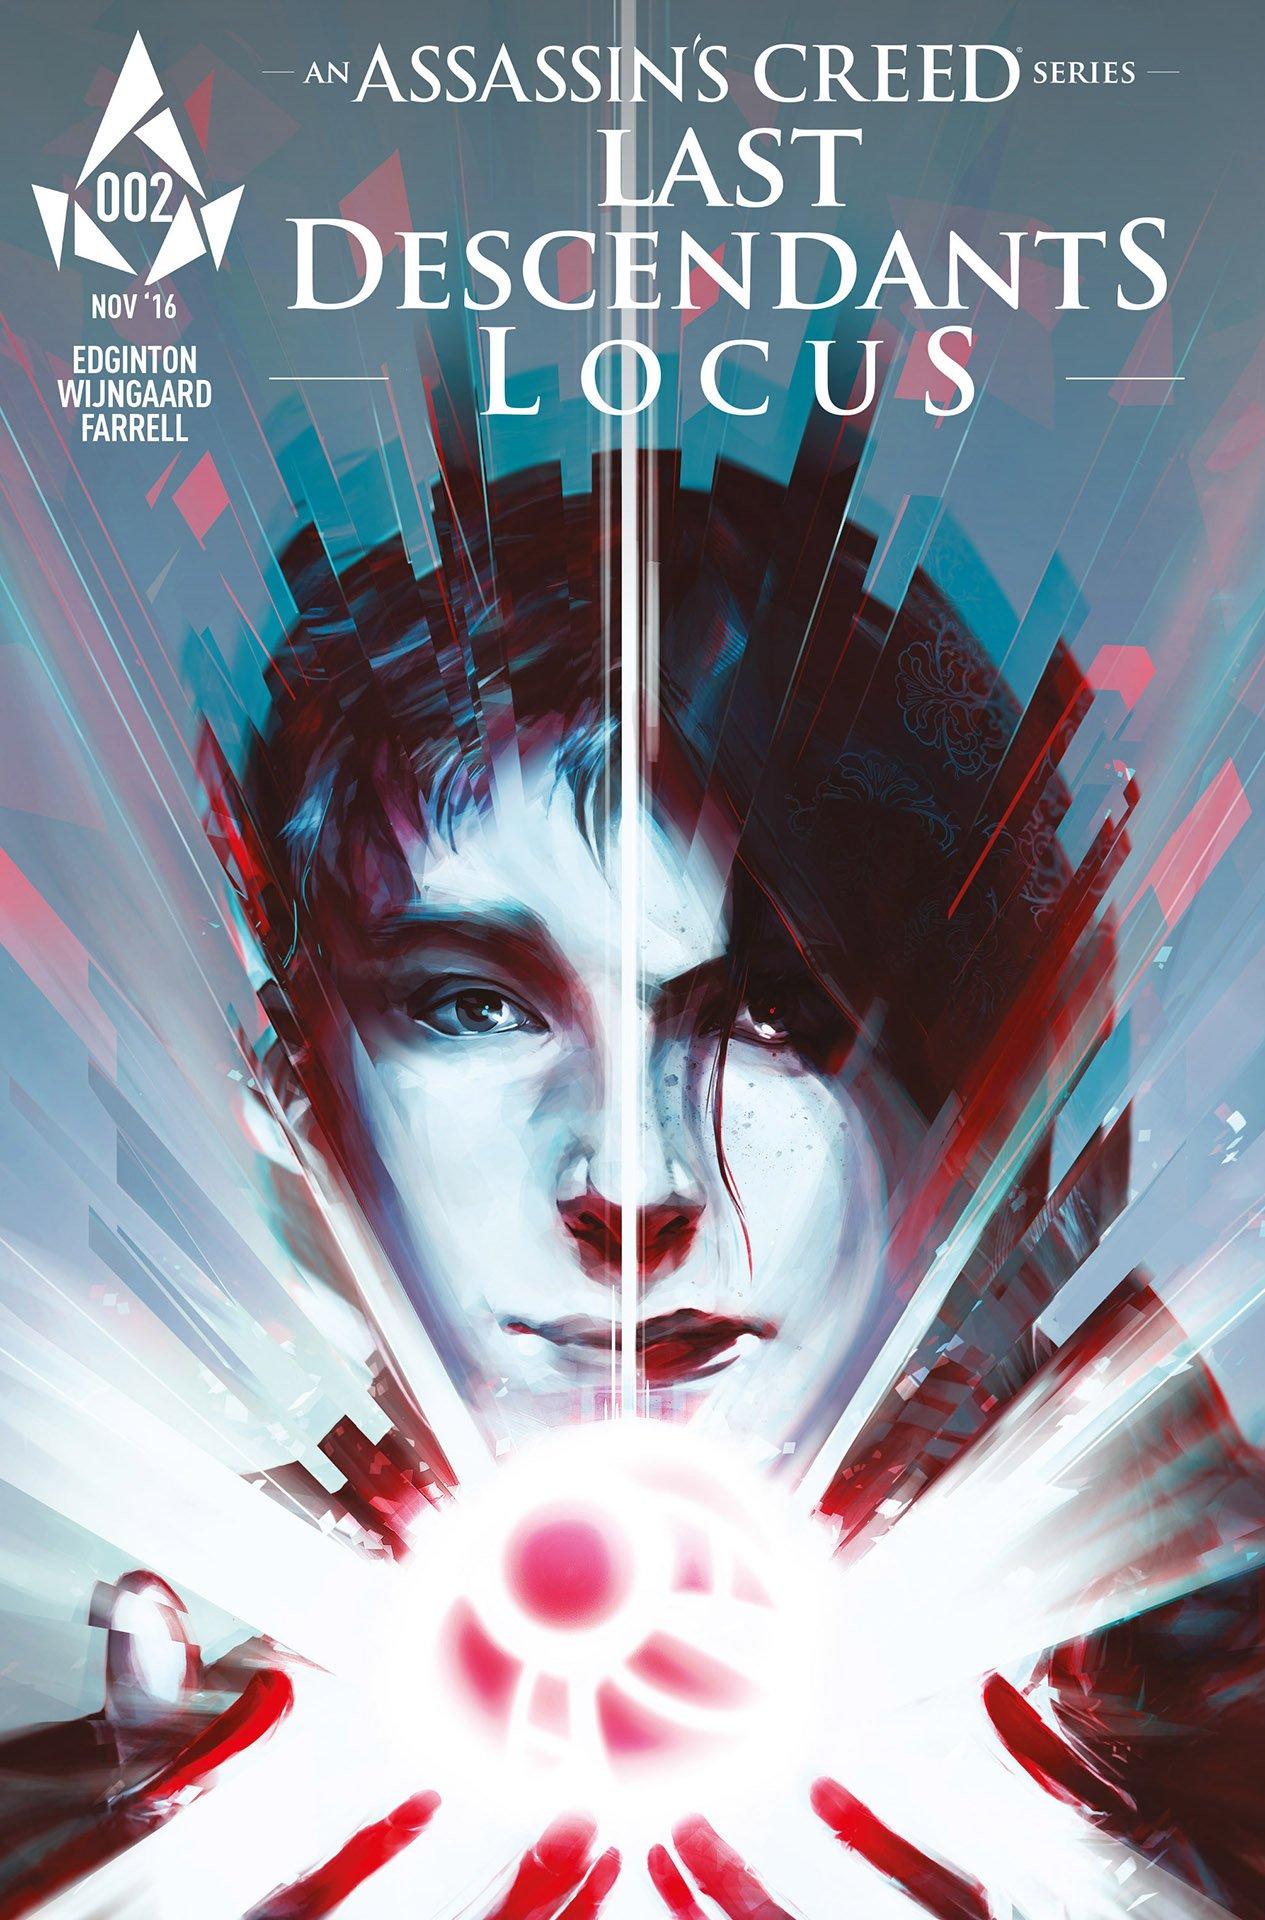 Assassin's Creed: Locus 02 (cover c) (November 2016)